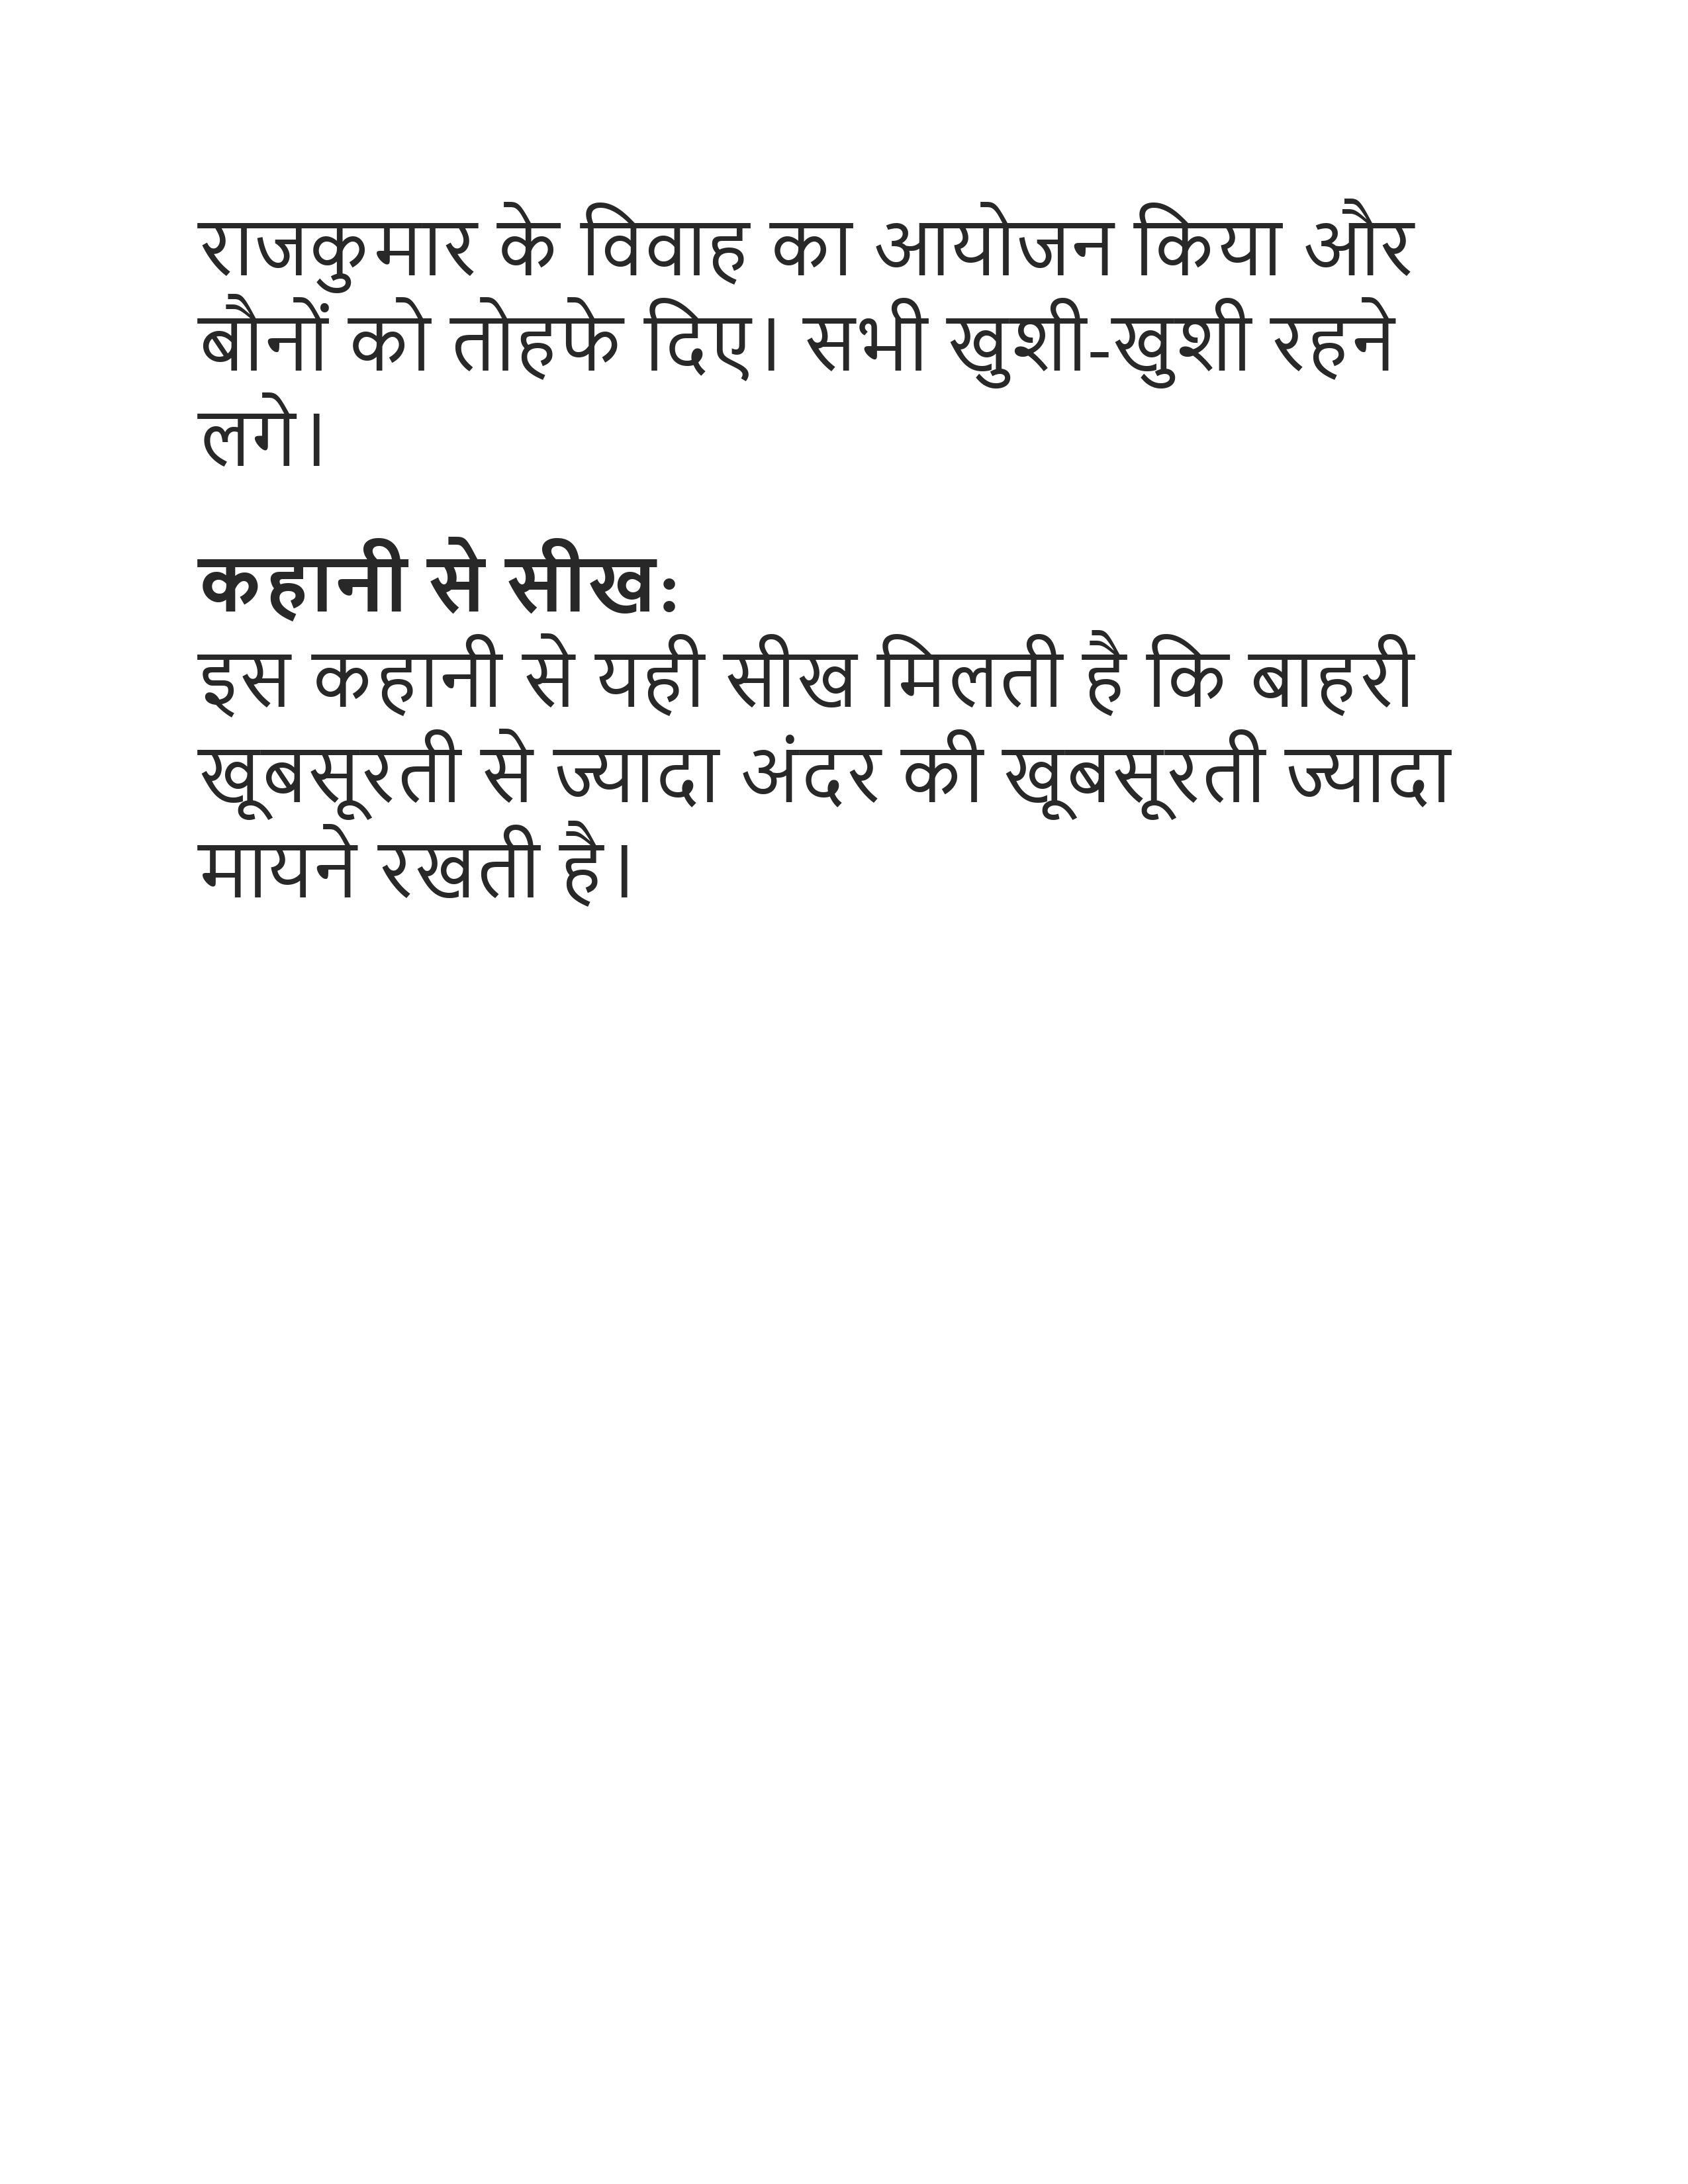 Fairy tales hindi pariyon ki kahaniya 23